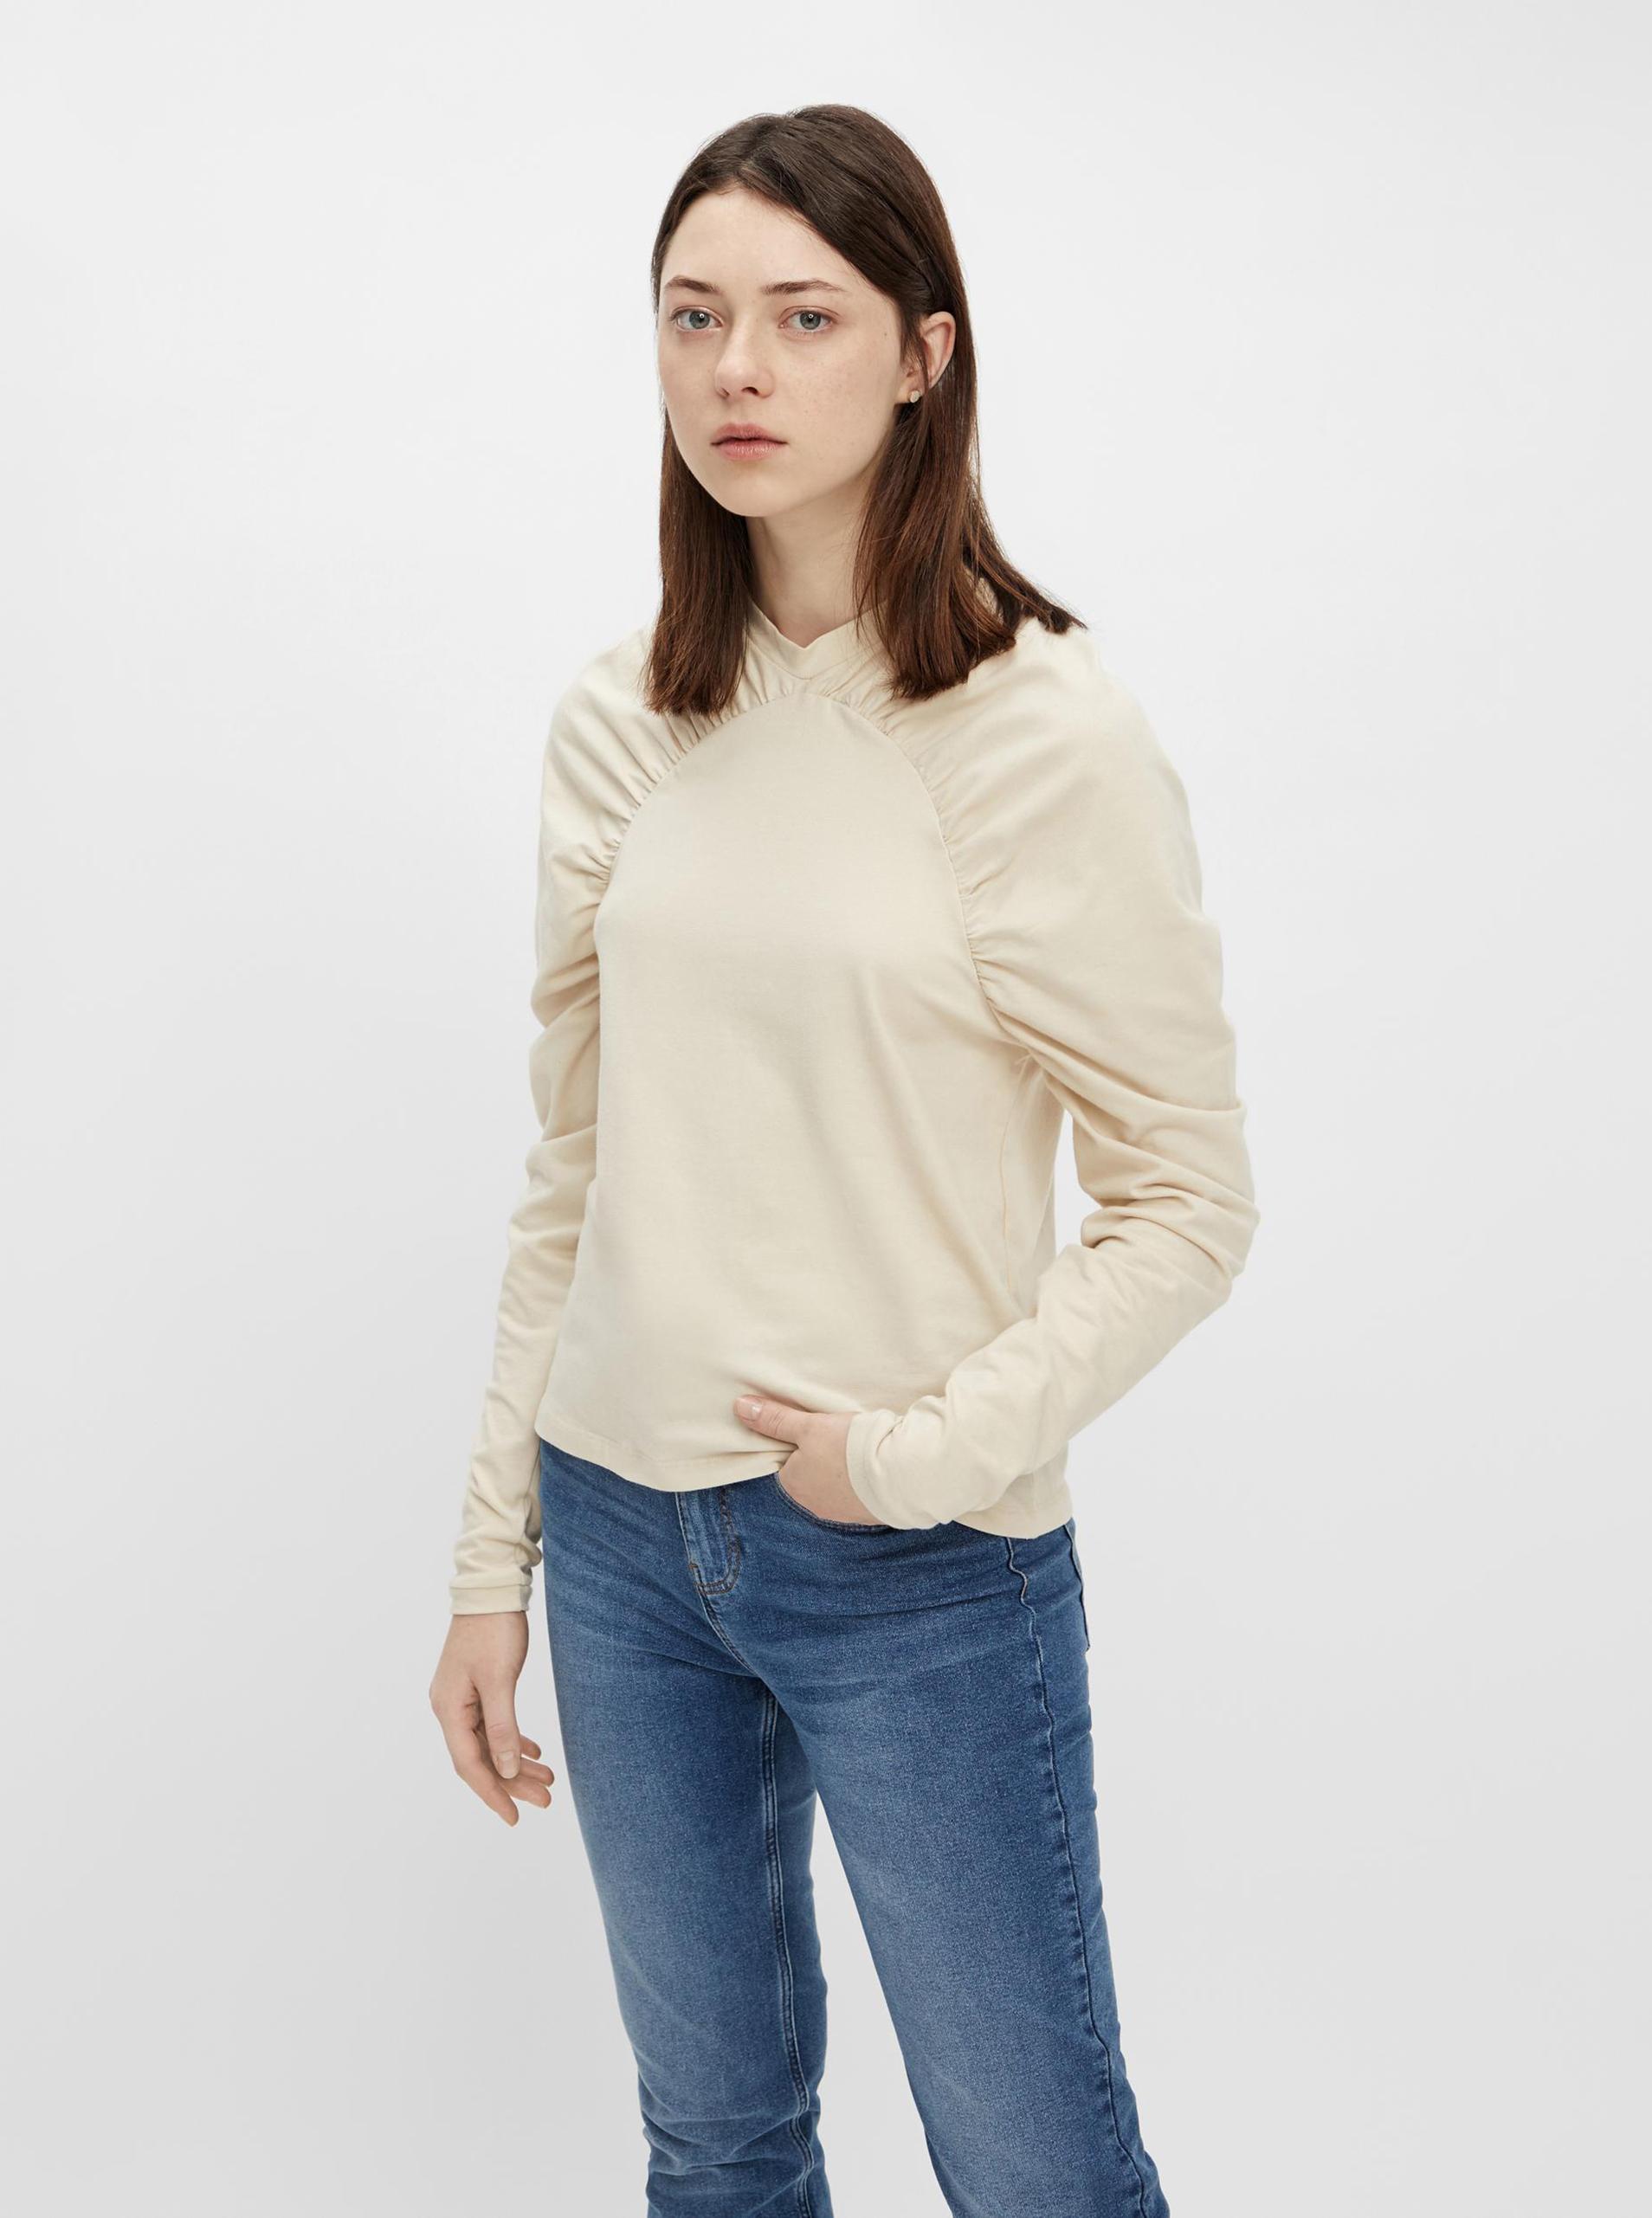 Pieces krémszínű női póló fodros ujakkal